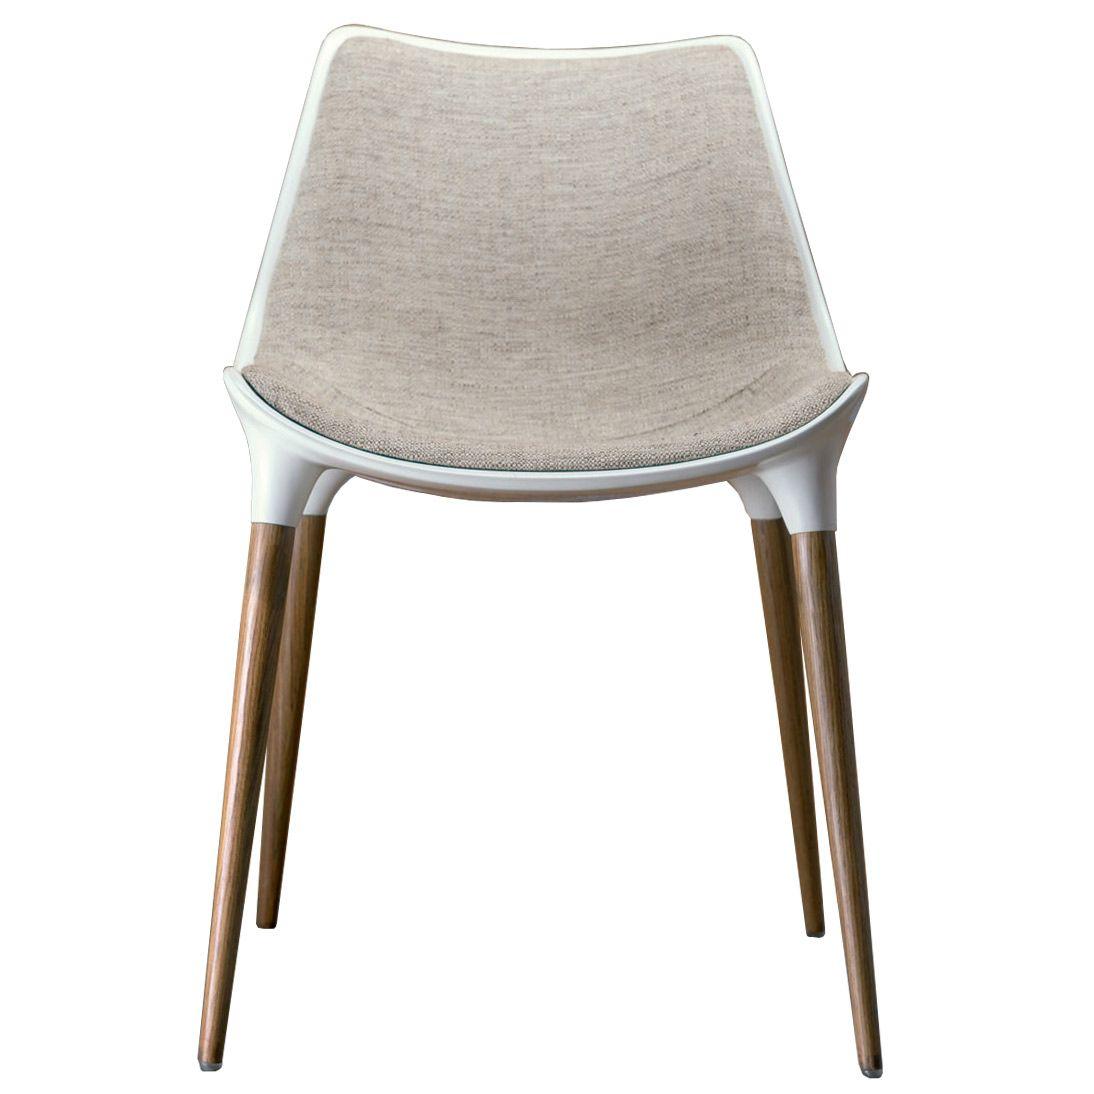 Modloft Langham Oatmeal Dining Chair Zincdoor Dining Chairs